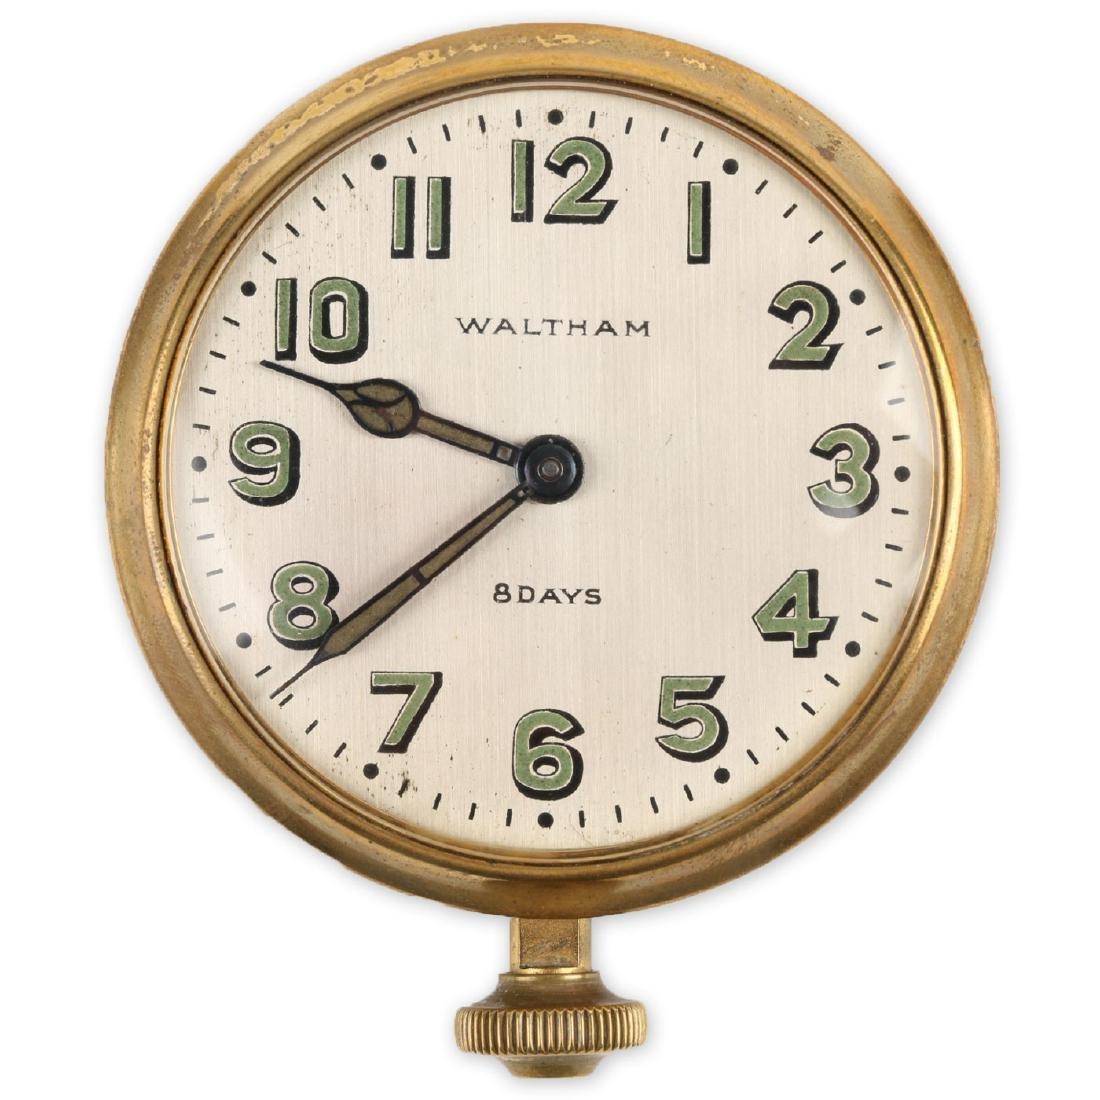 Waltham 8-Day Car Clock